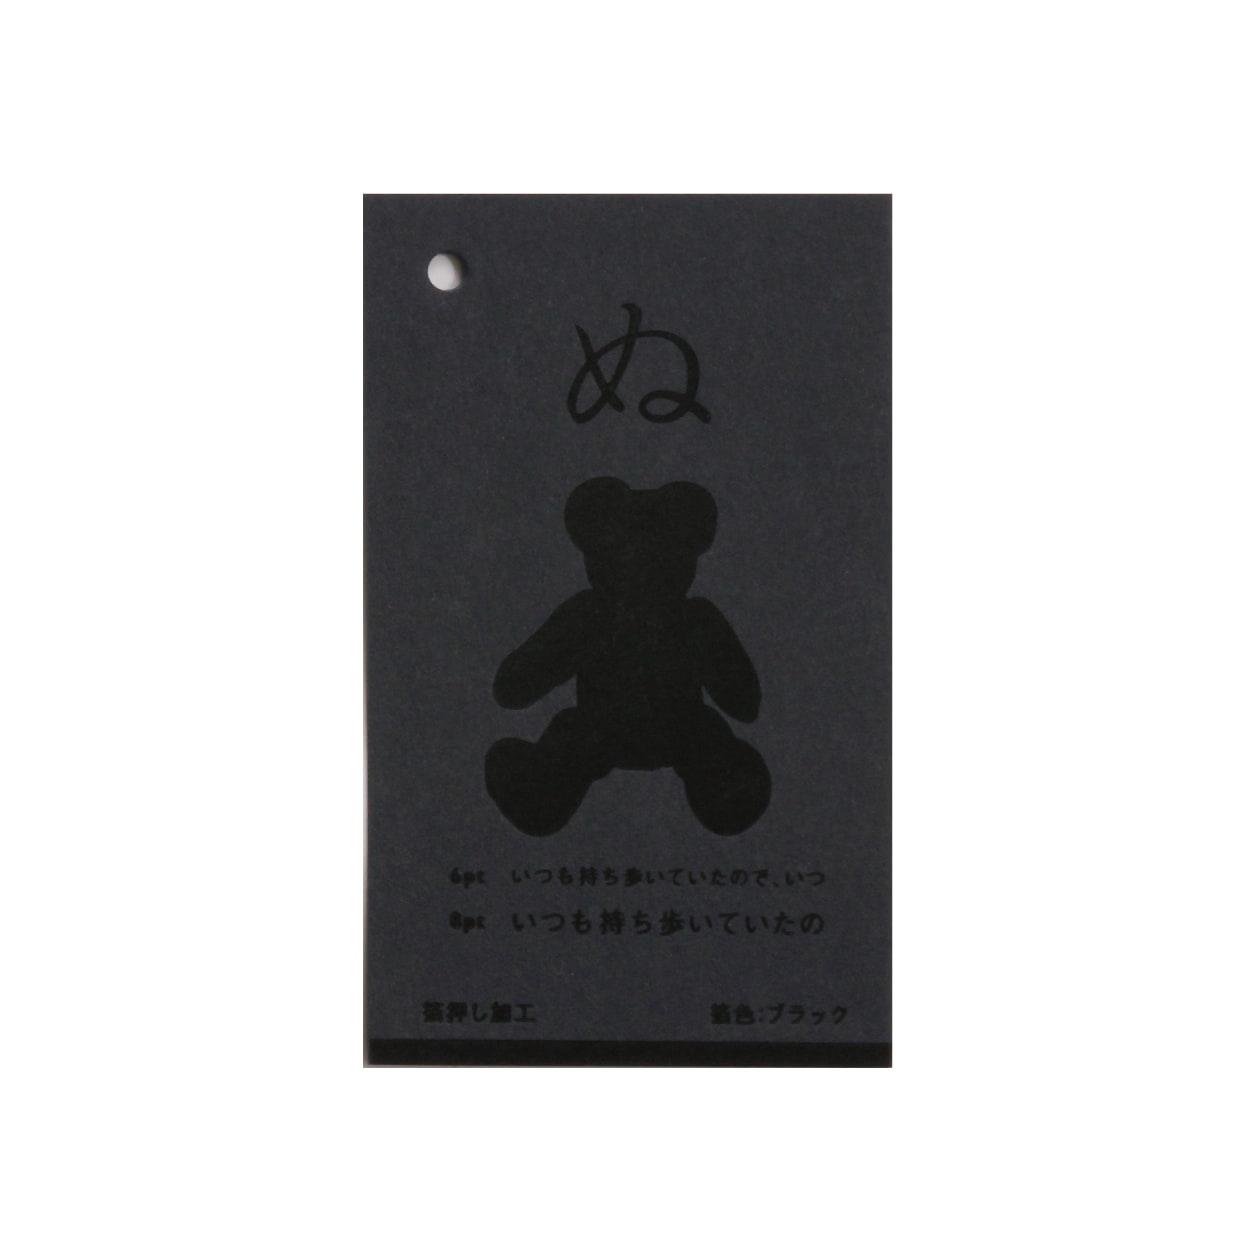 箔色見本 00110 ブラック箔 コットンミッドナイトブルー 291g